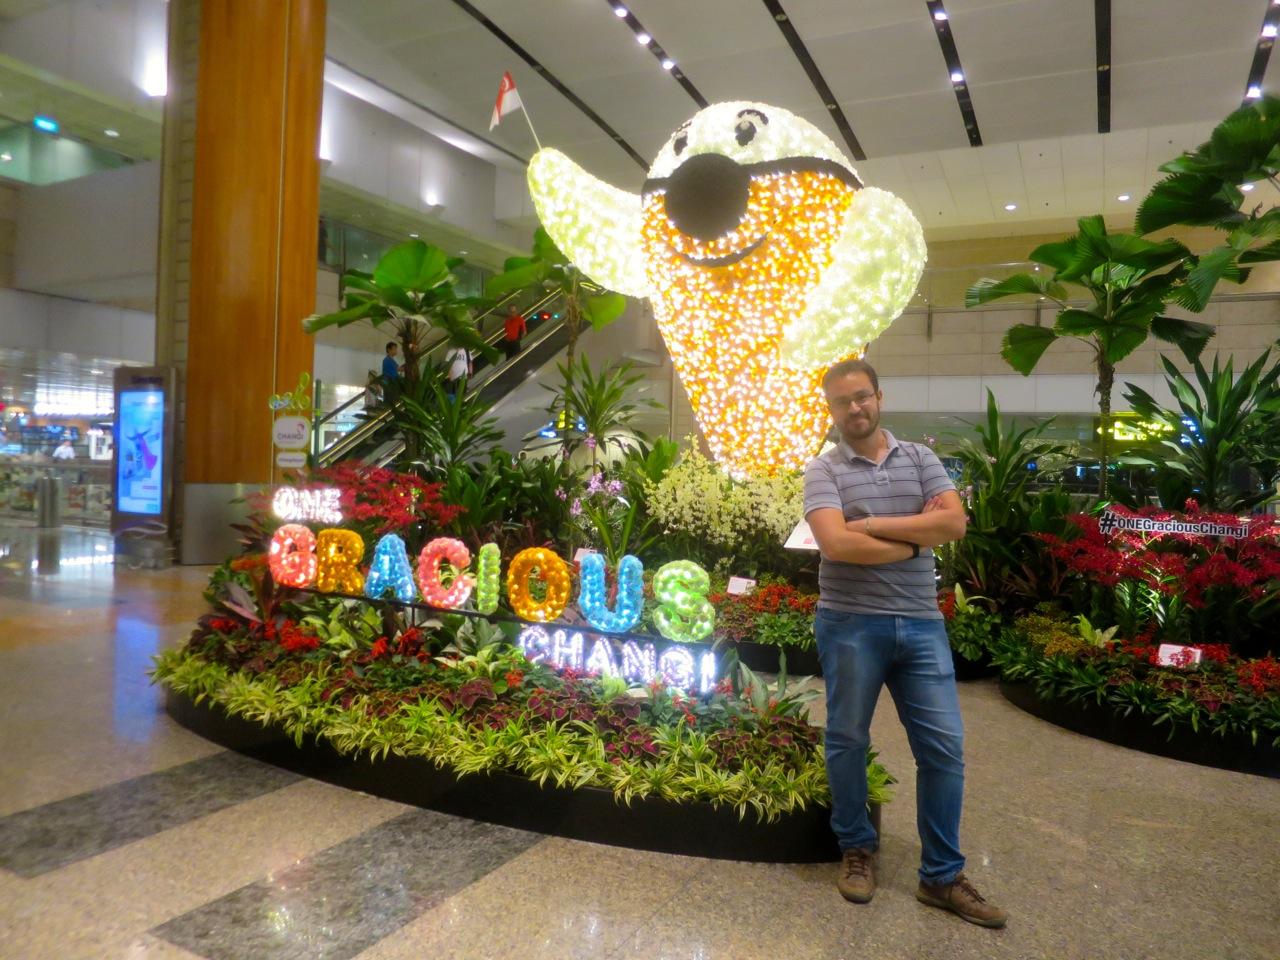 Changi 1 01 1